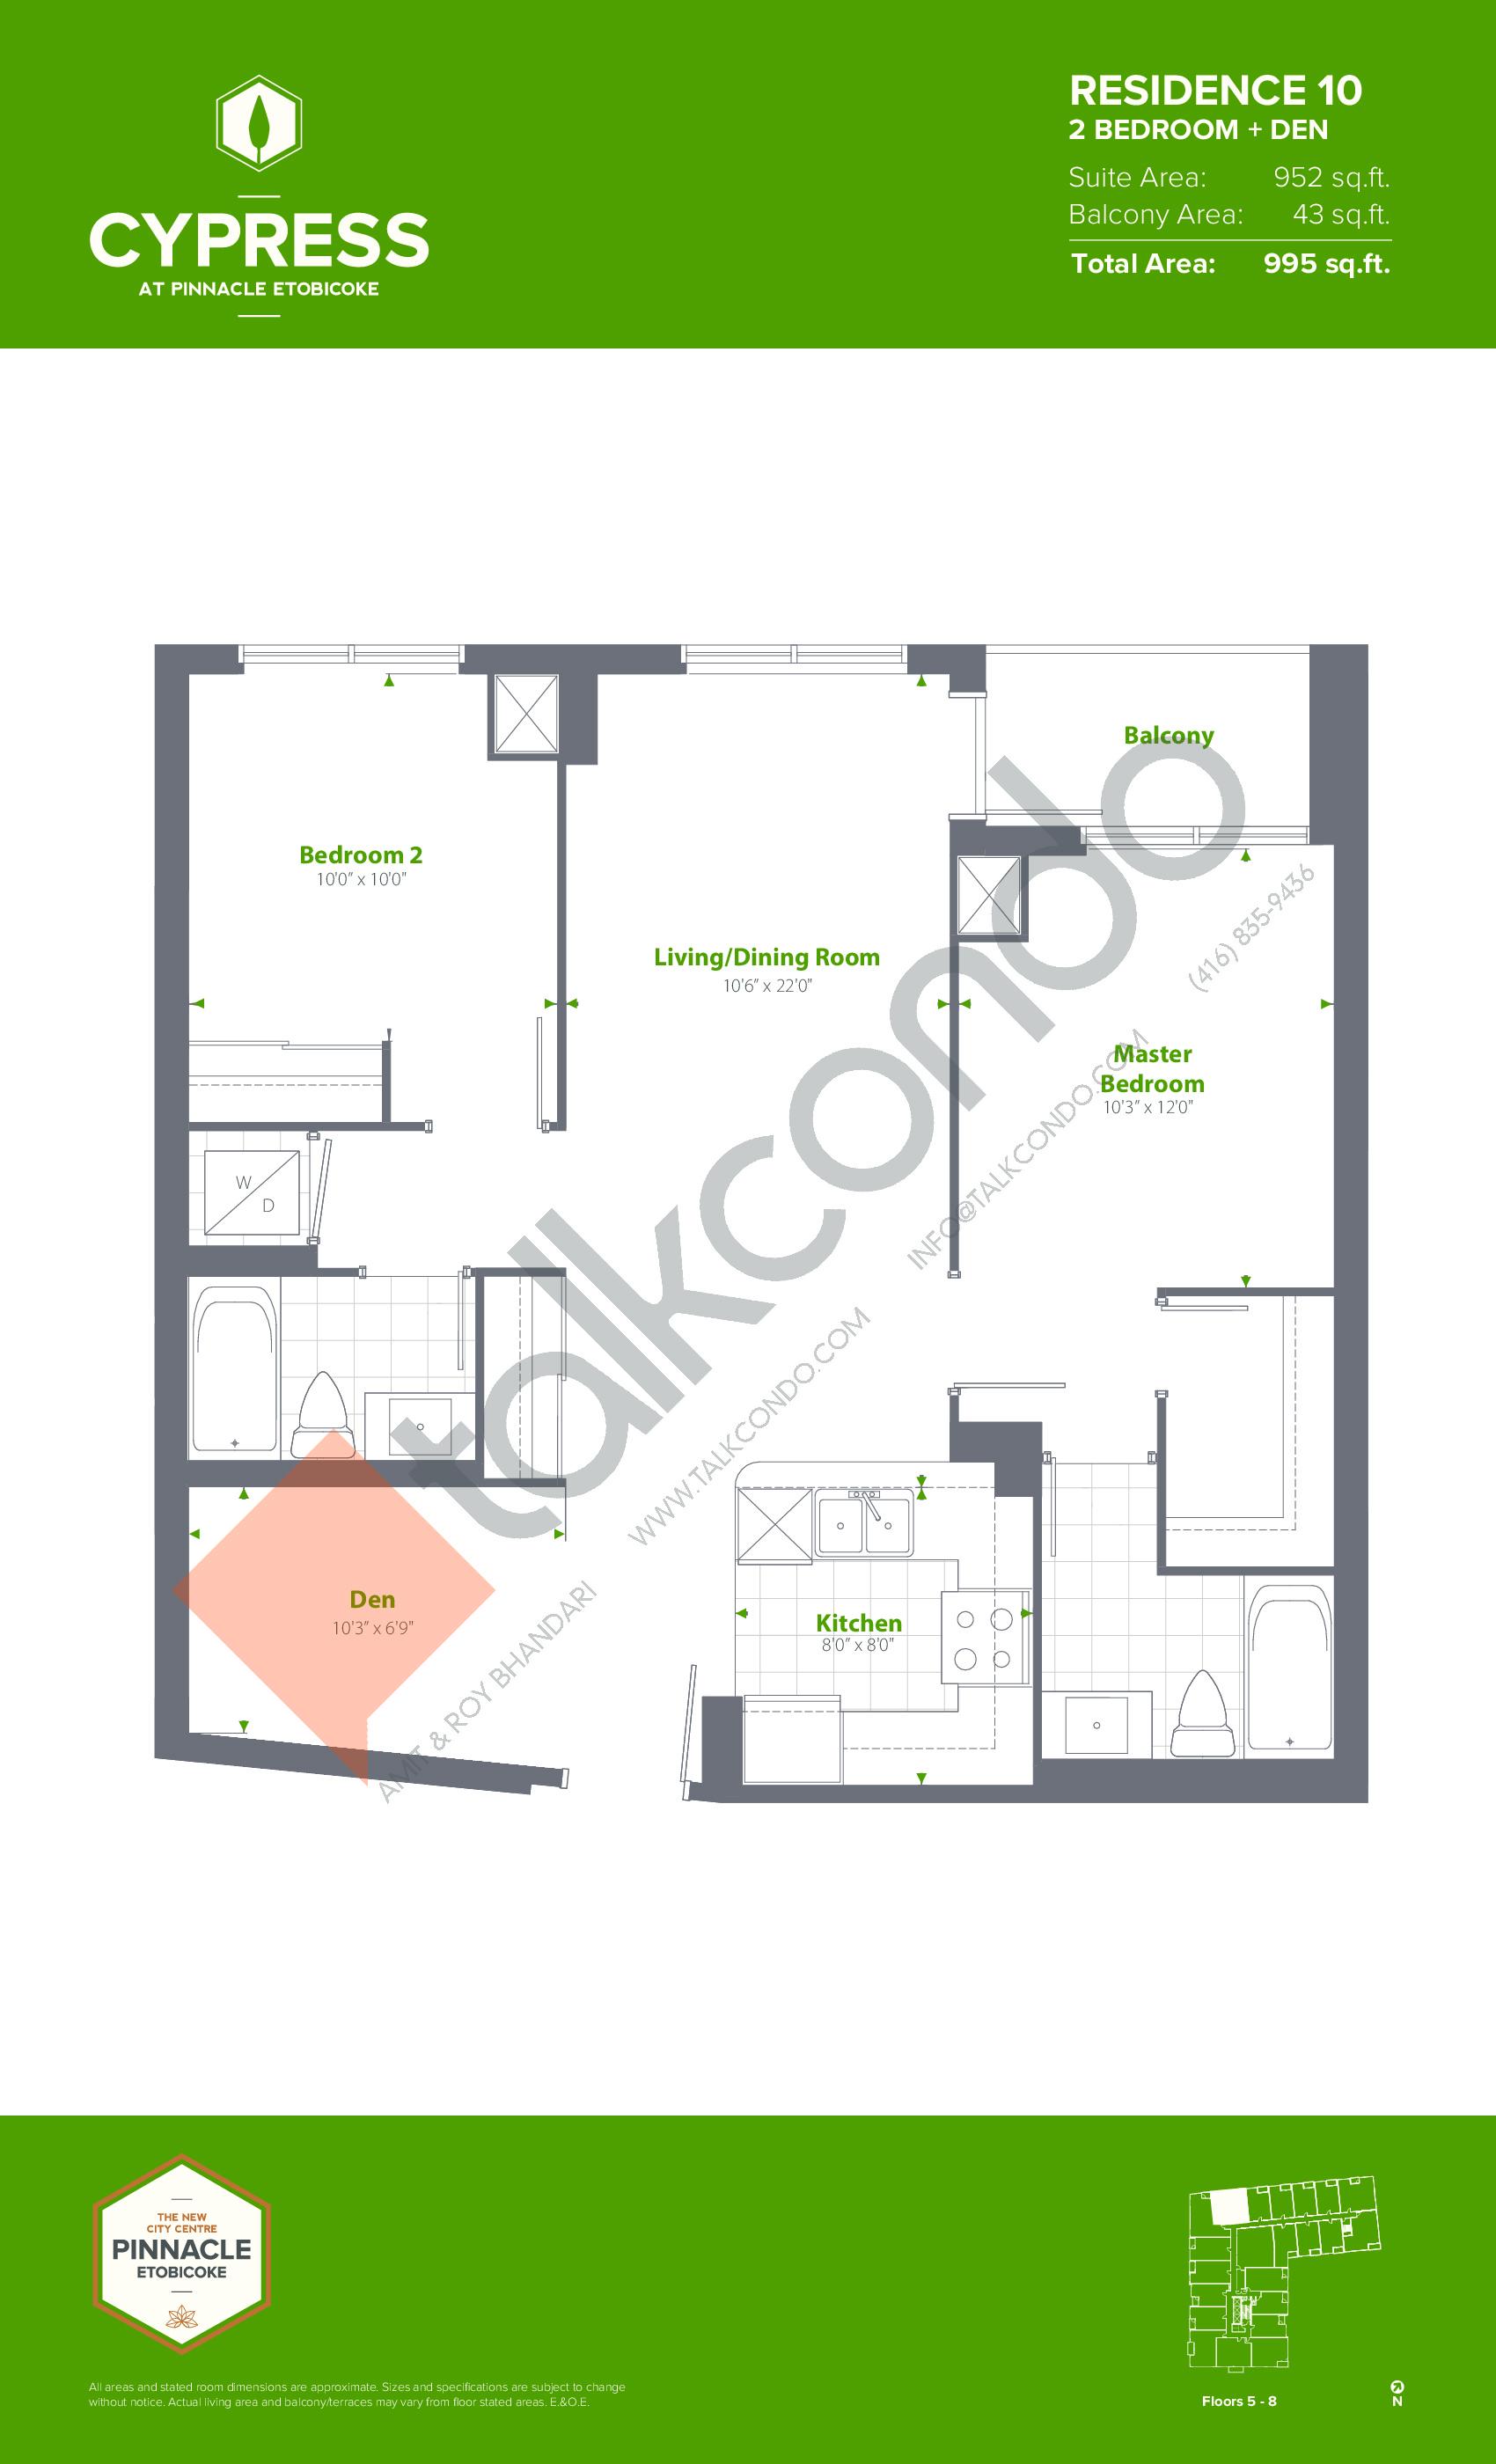 Residence 10 (Podium) Floor Plan at Cypress at Pinnacle Etobicoke - 952 sq.ft